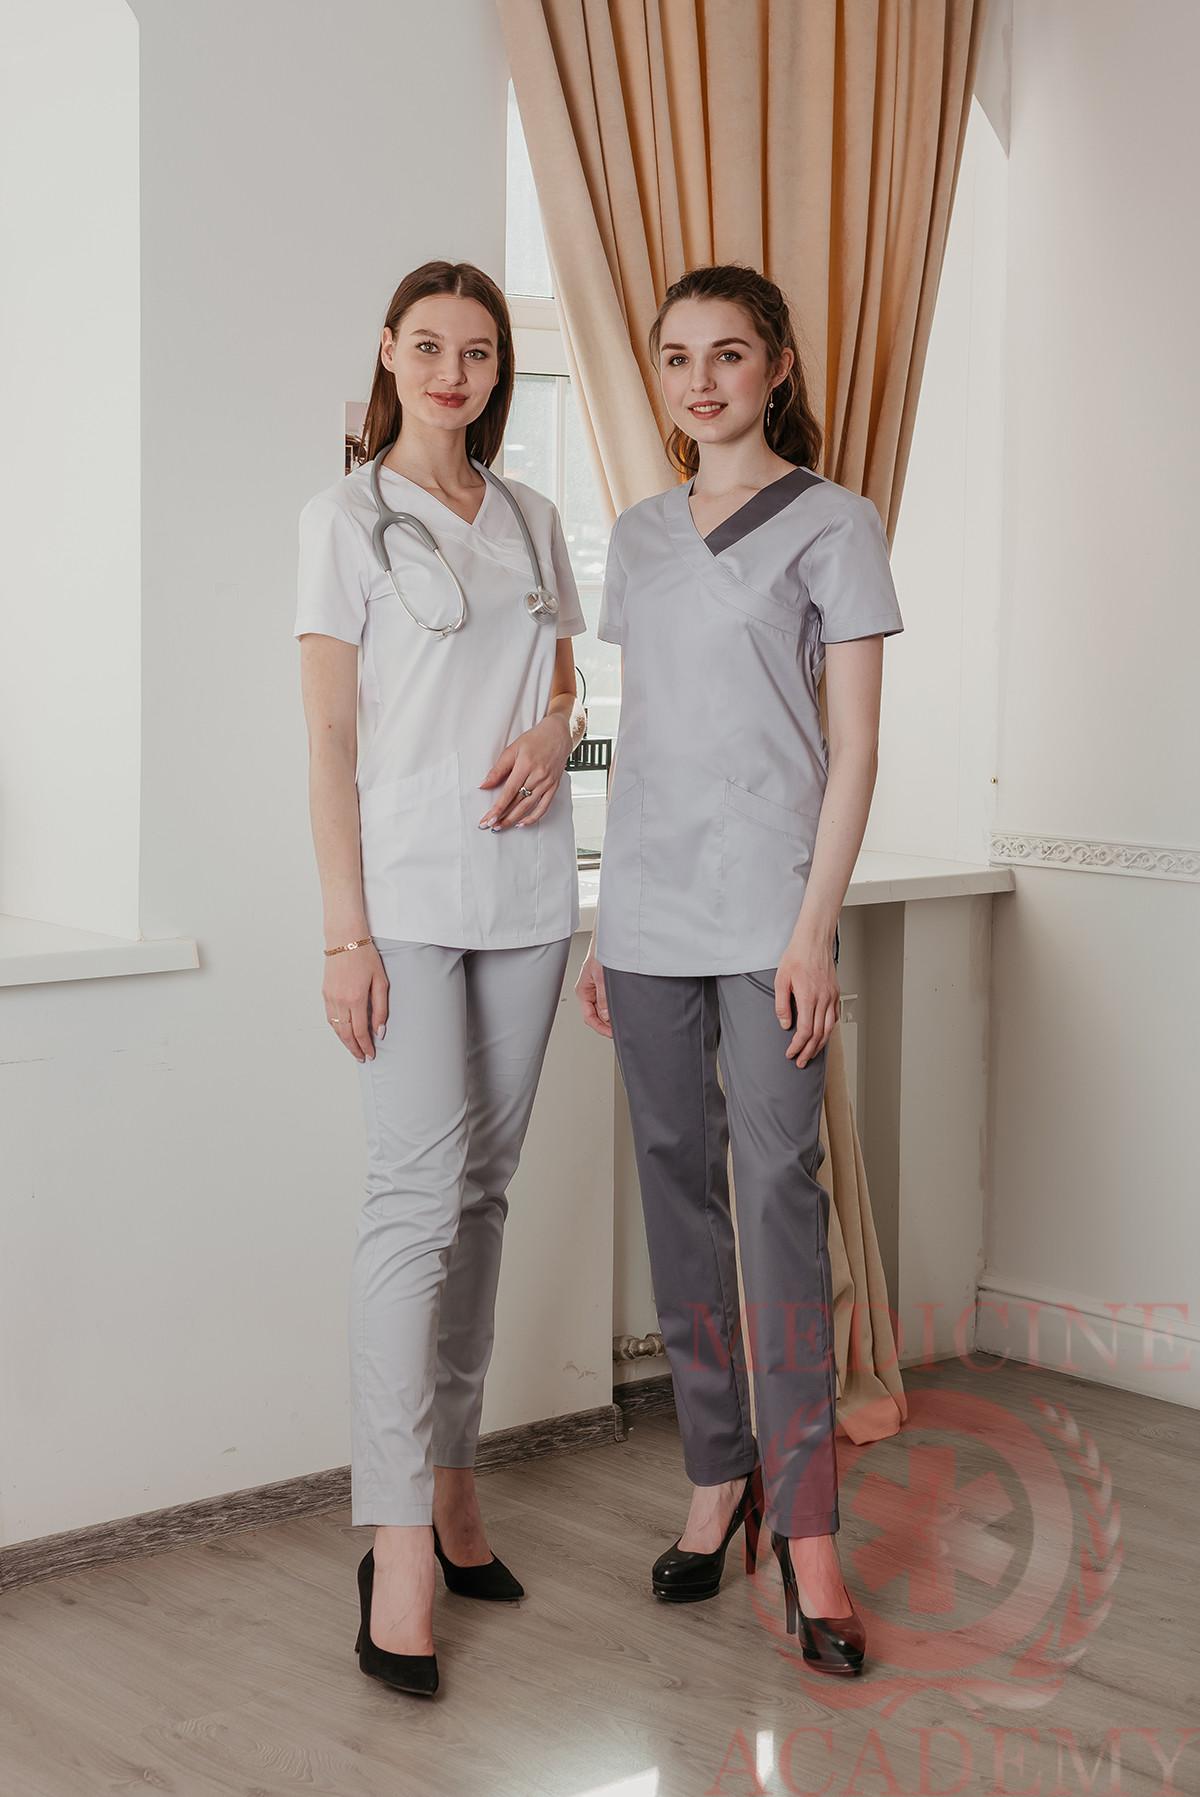 Хирургичка с фигурными карманами белая